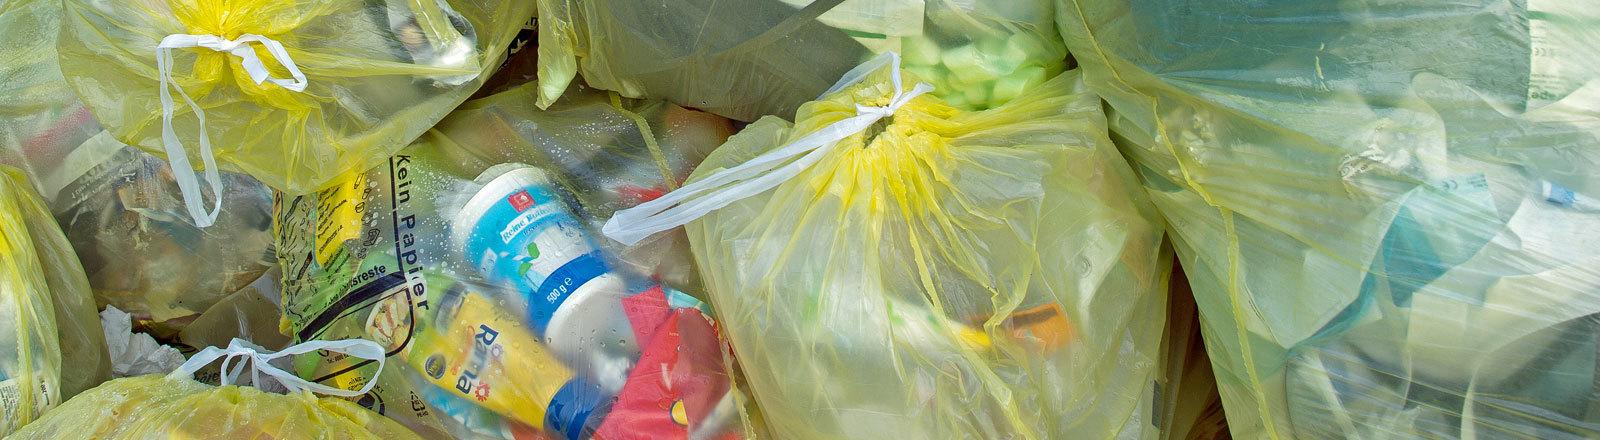 Gelbe Säcke mit Plastikmüll